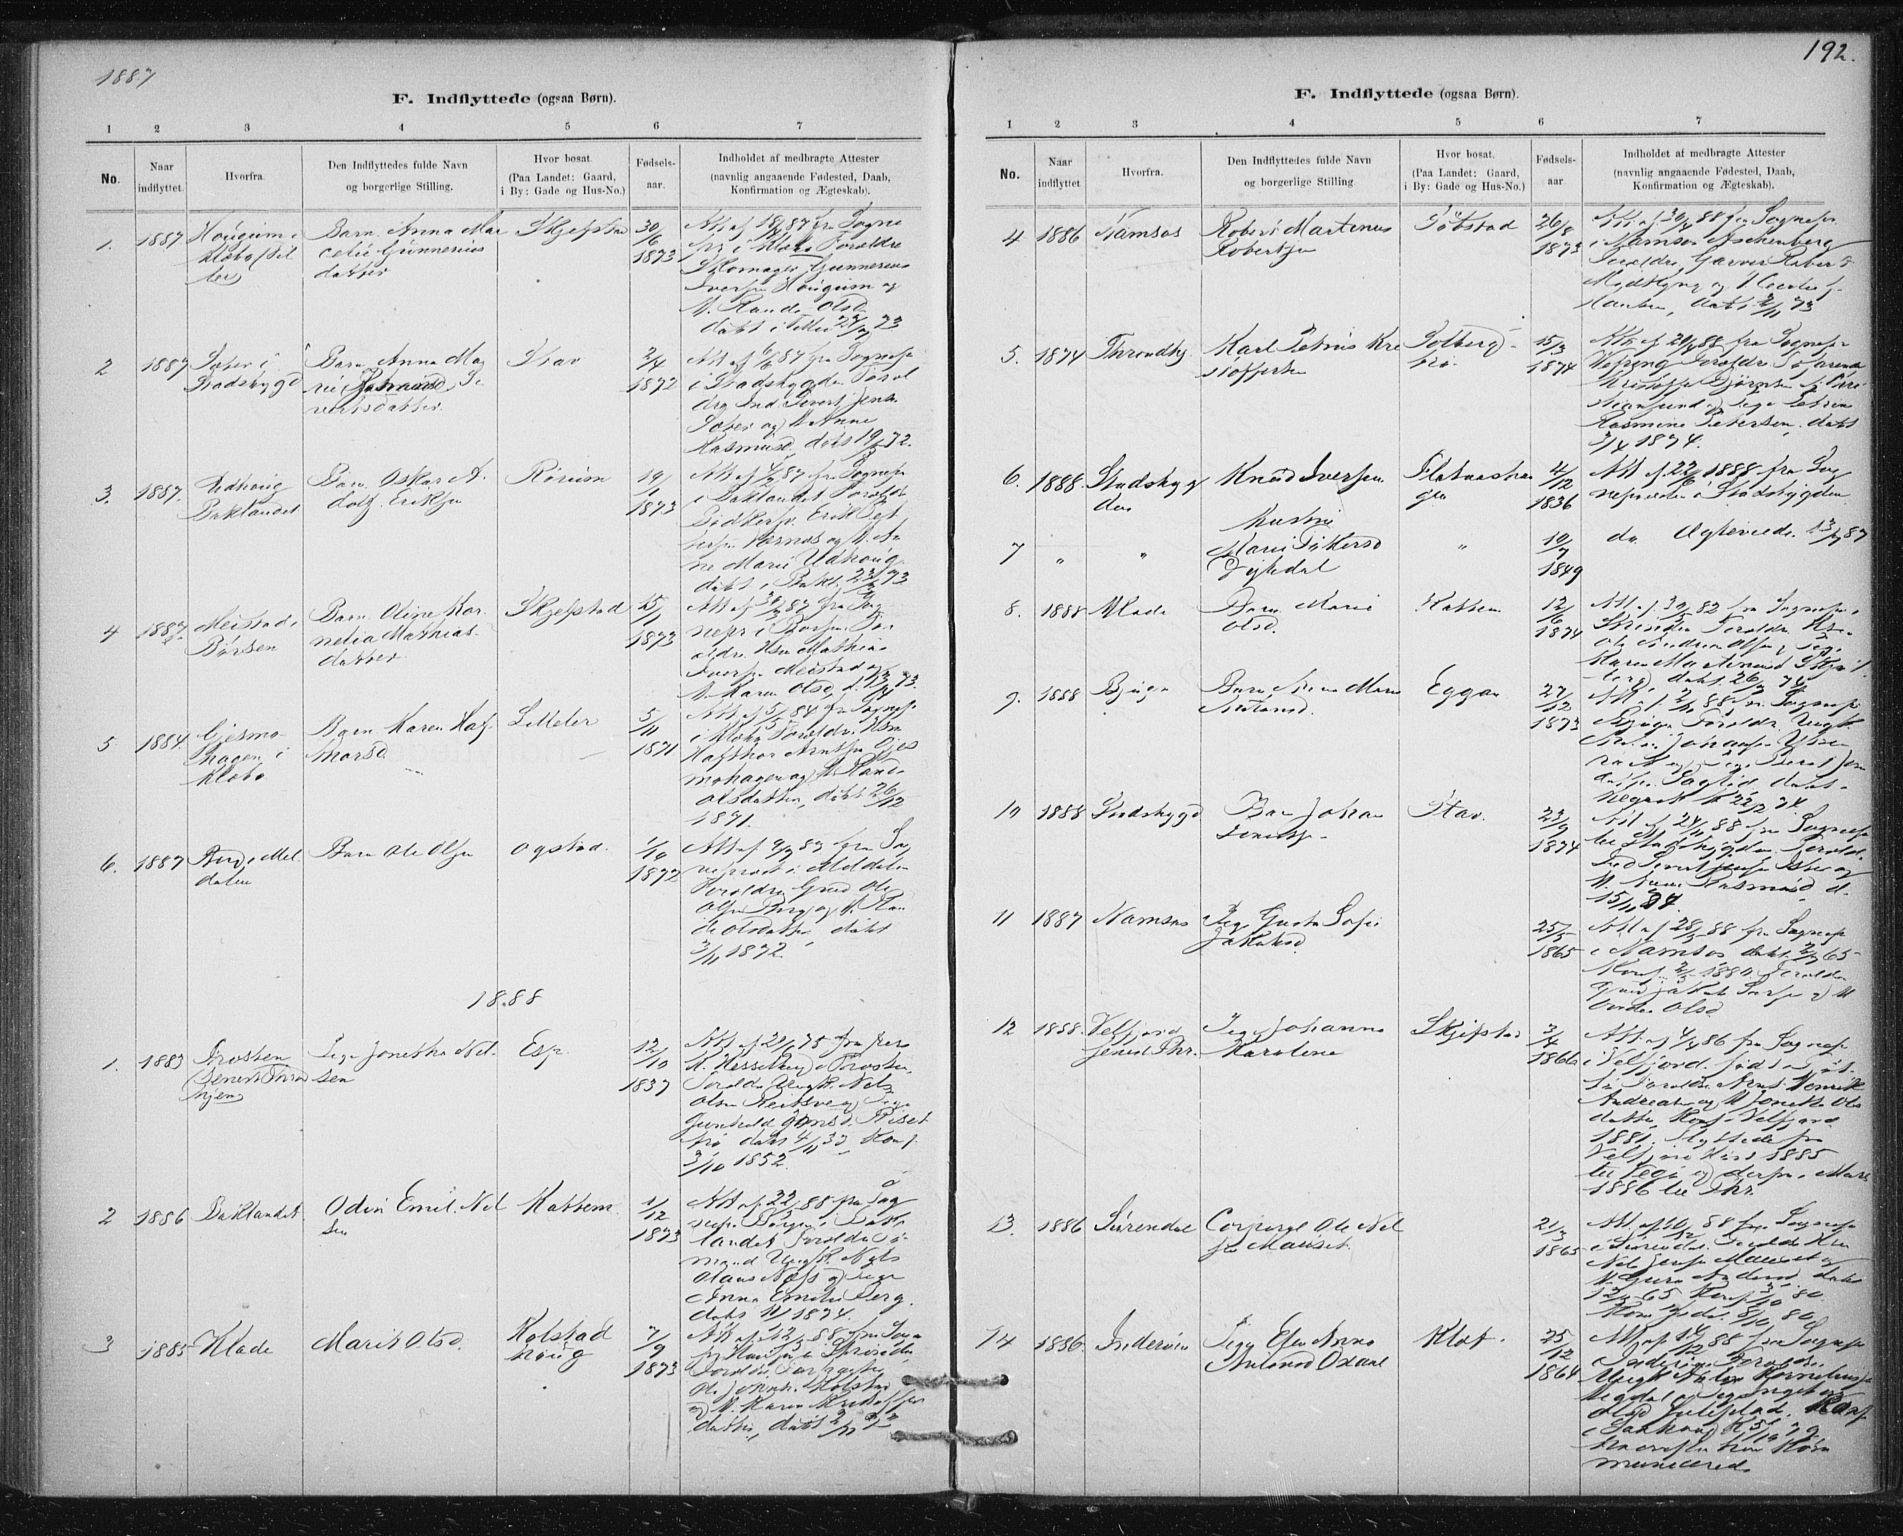 SAT, Ministerialprotokoller, klokkerbøker og fødselsregistre - Sør-Trøndelag, 613/L0392: Ministerialbok nr. 613A01, 1887-1906, s. 192